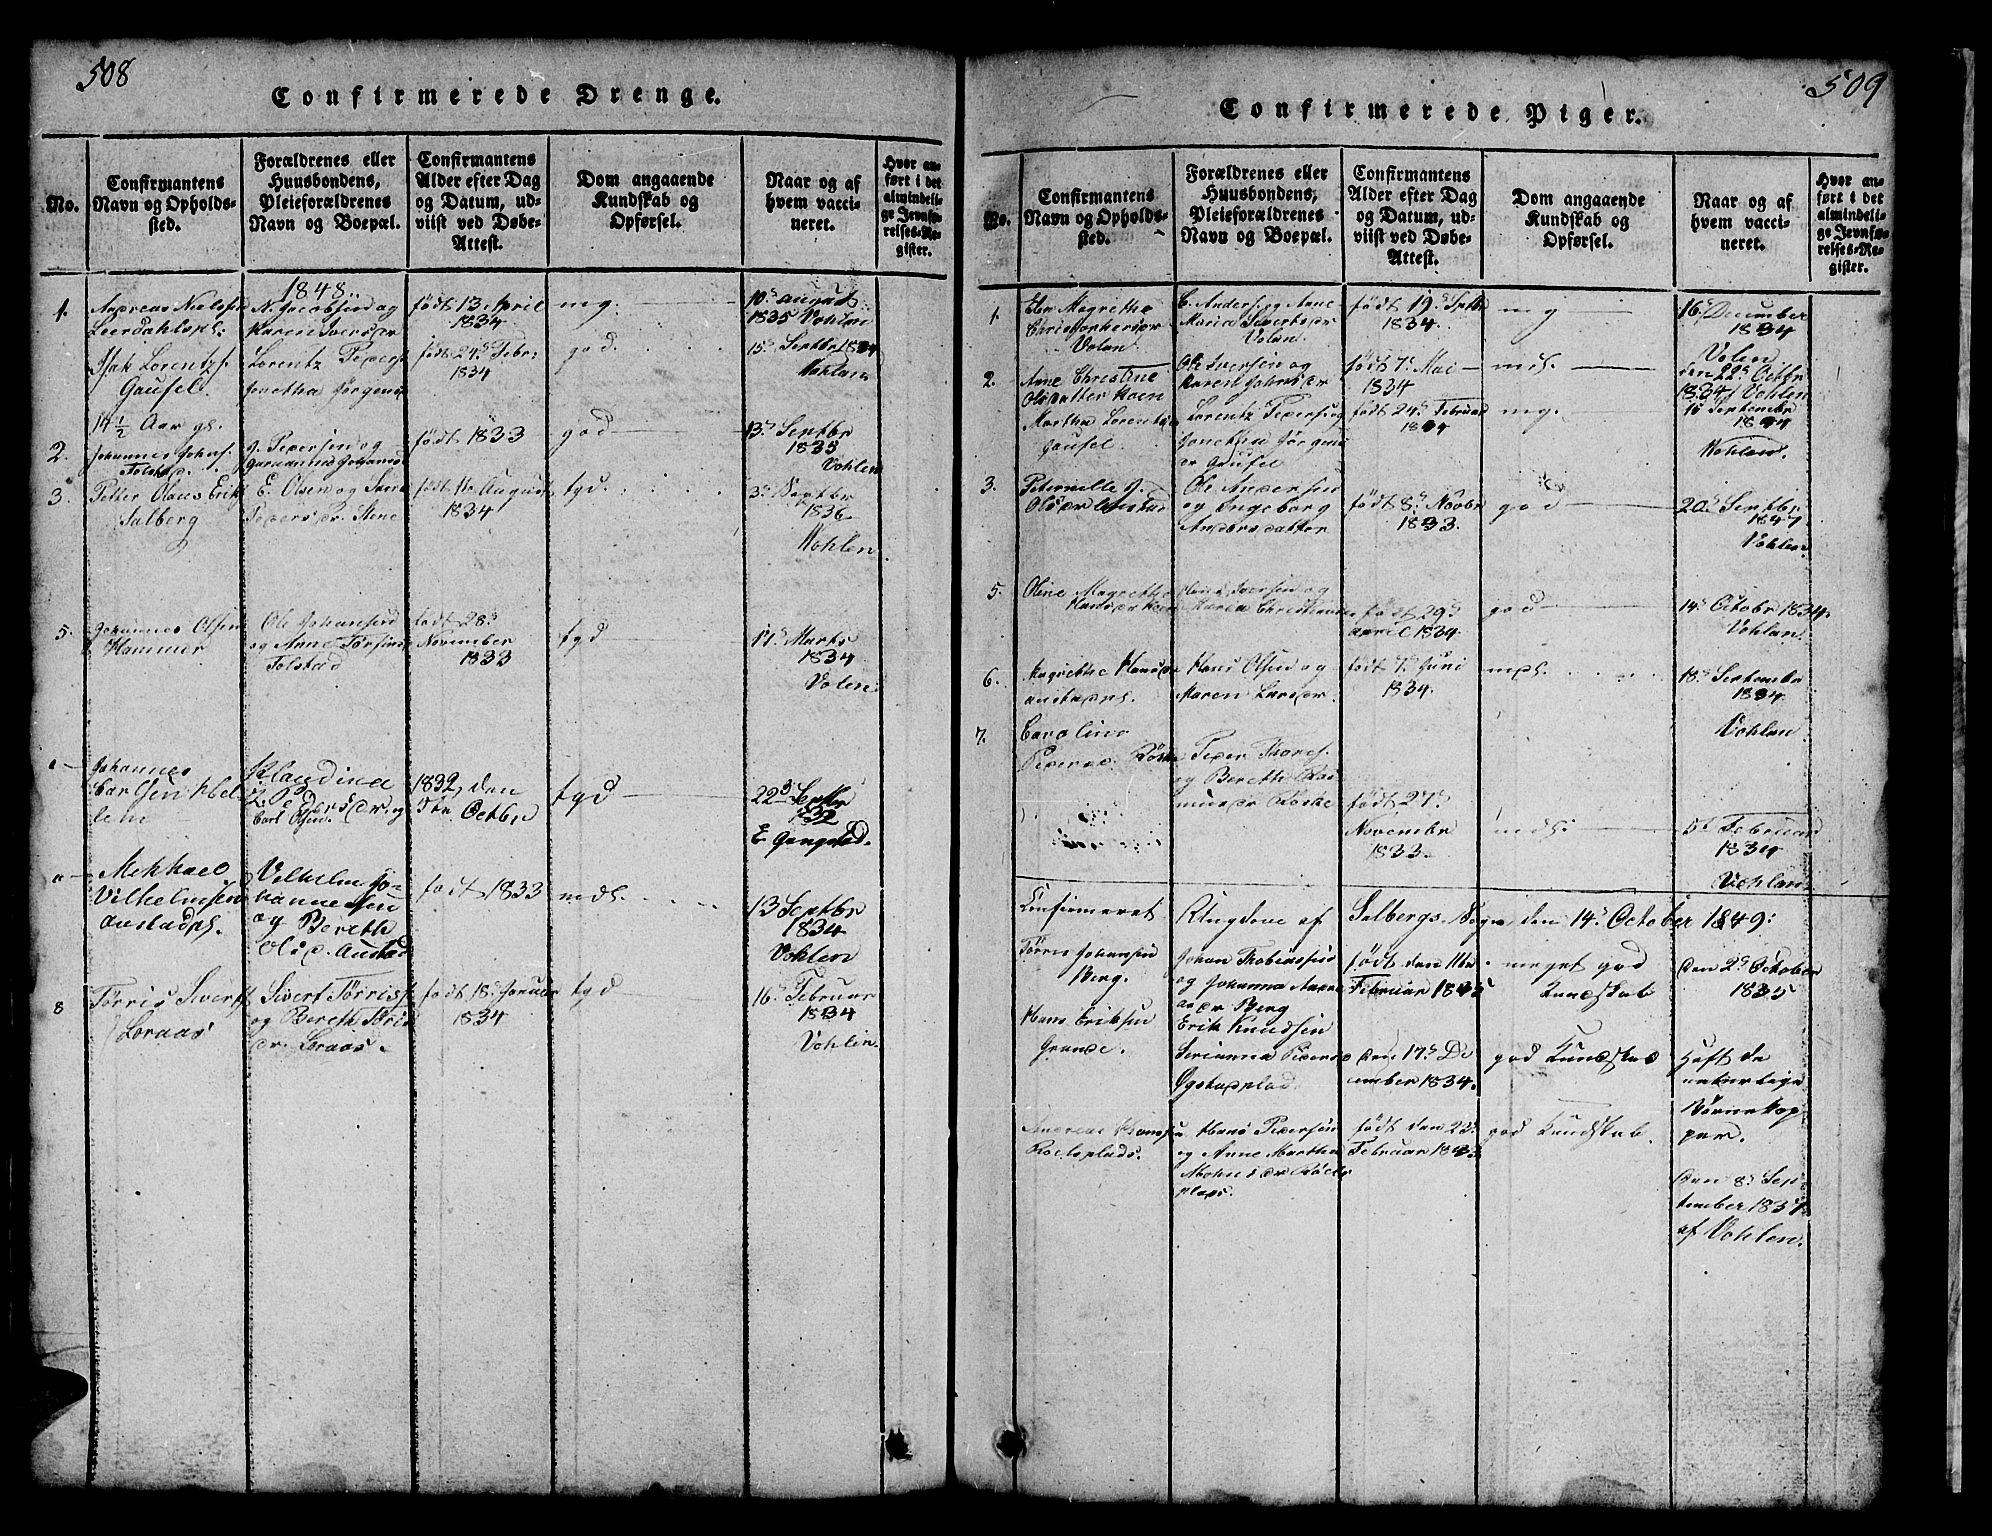 SAT, Ministerialprotokoller, klokkerbøker og fødselsregistre - Nord-Trøndelag, 731/L0310: Klokkerbok nr. 731C01, 1816-1874, s. 508-509